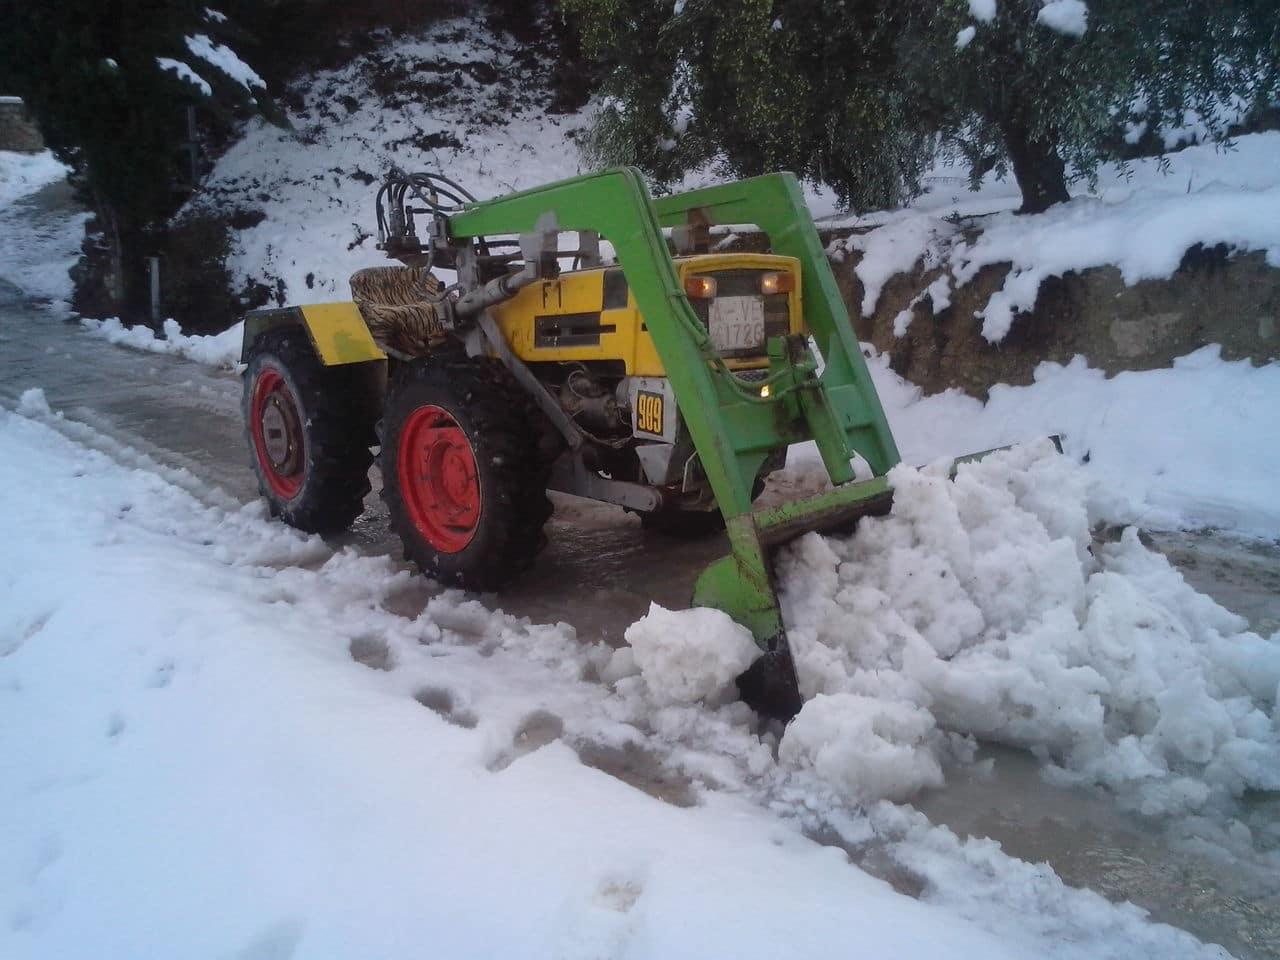 [Pasquali 989] Unas fotillos y vídeo de mi tractor 989_nieve